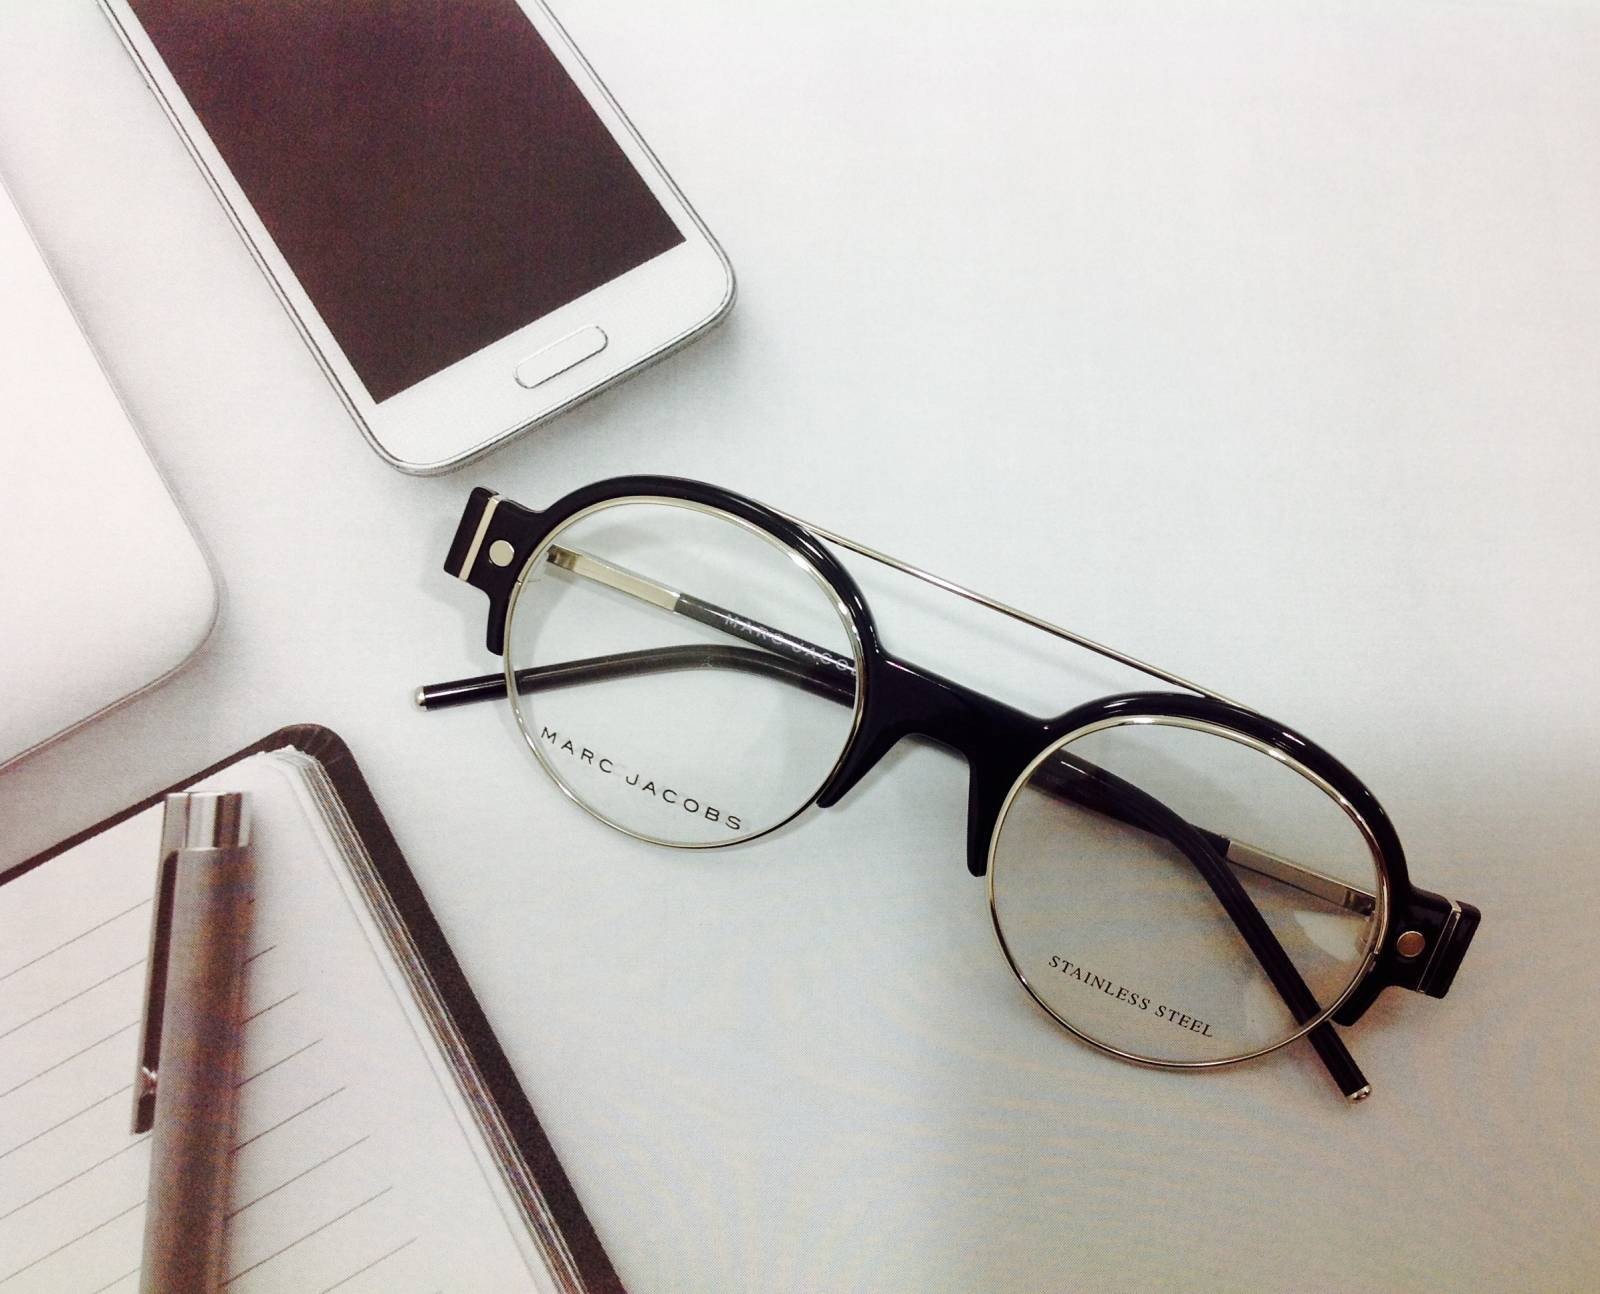 Style Jacobs Lunettes Au Intemporel Marc collection Optique De N8OXn0wPk